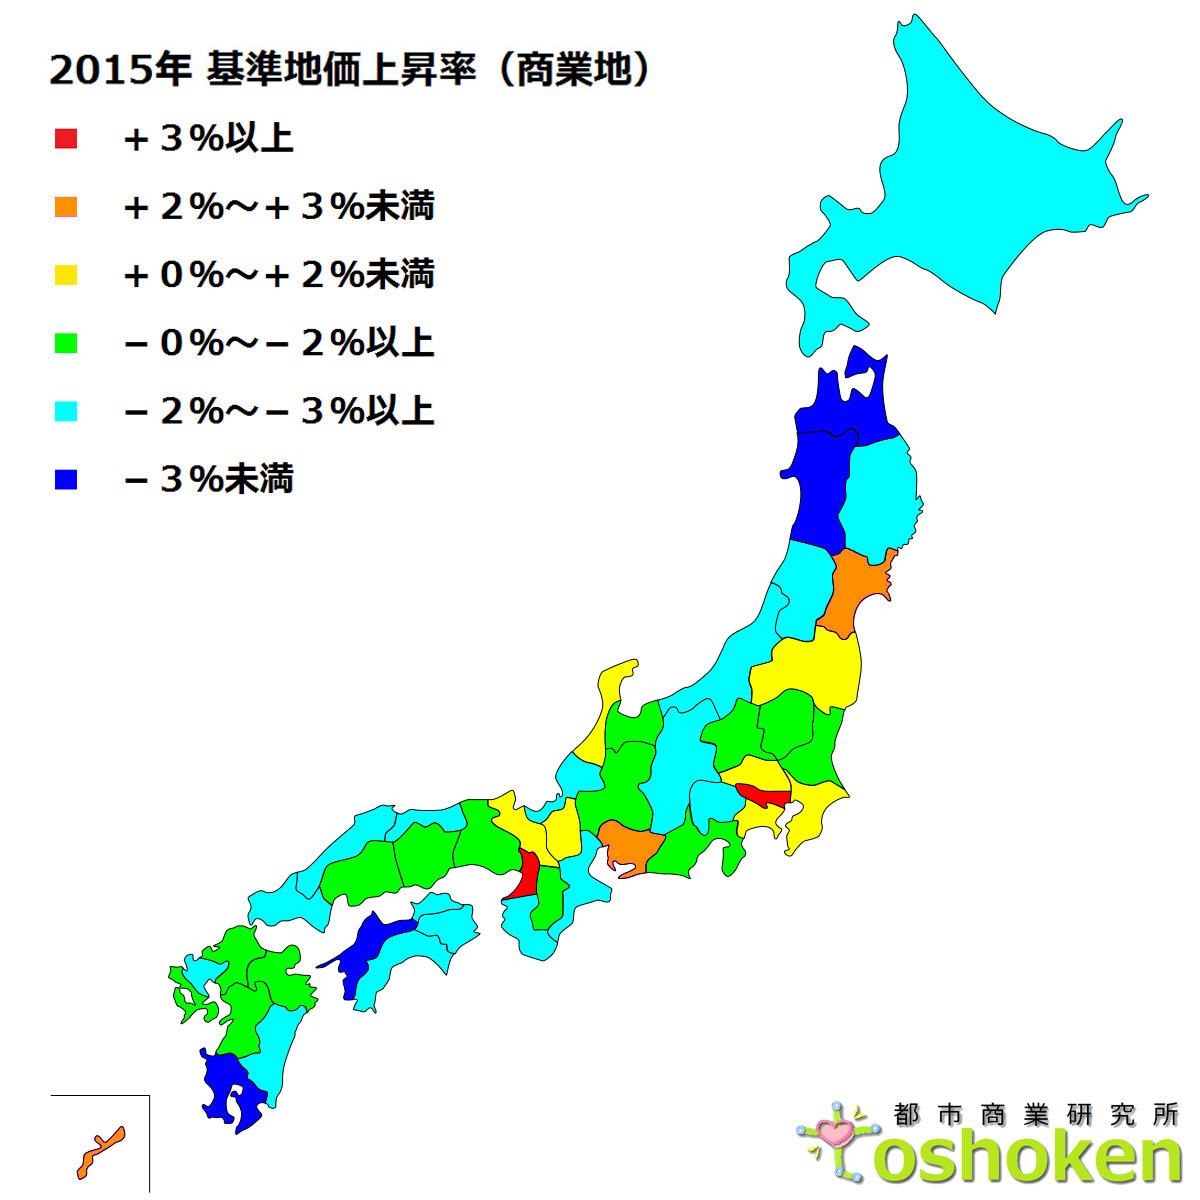 20150918_1517625169ー1-1-1のコピー